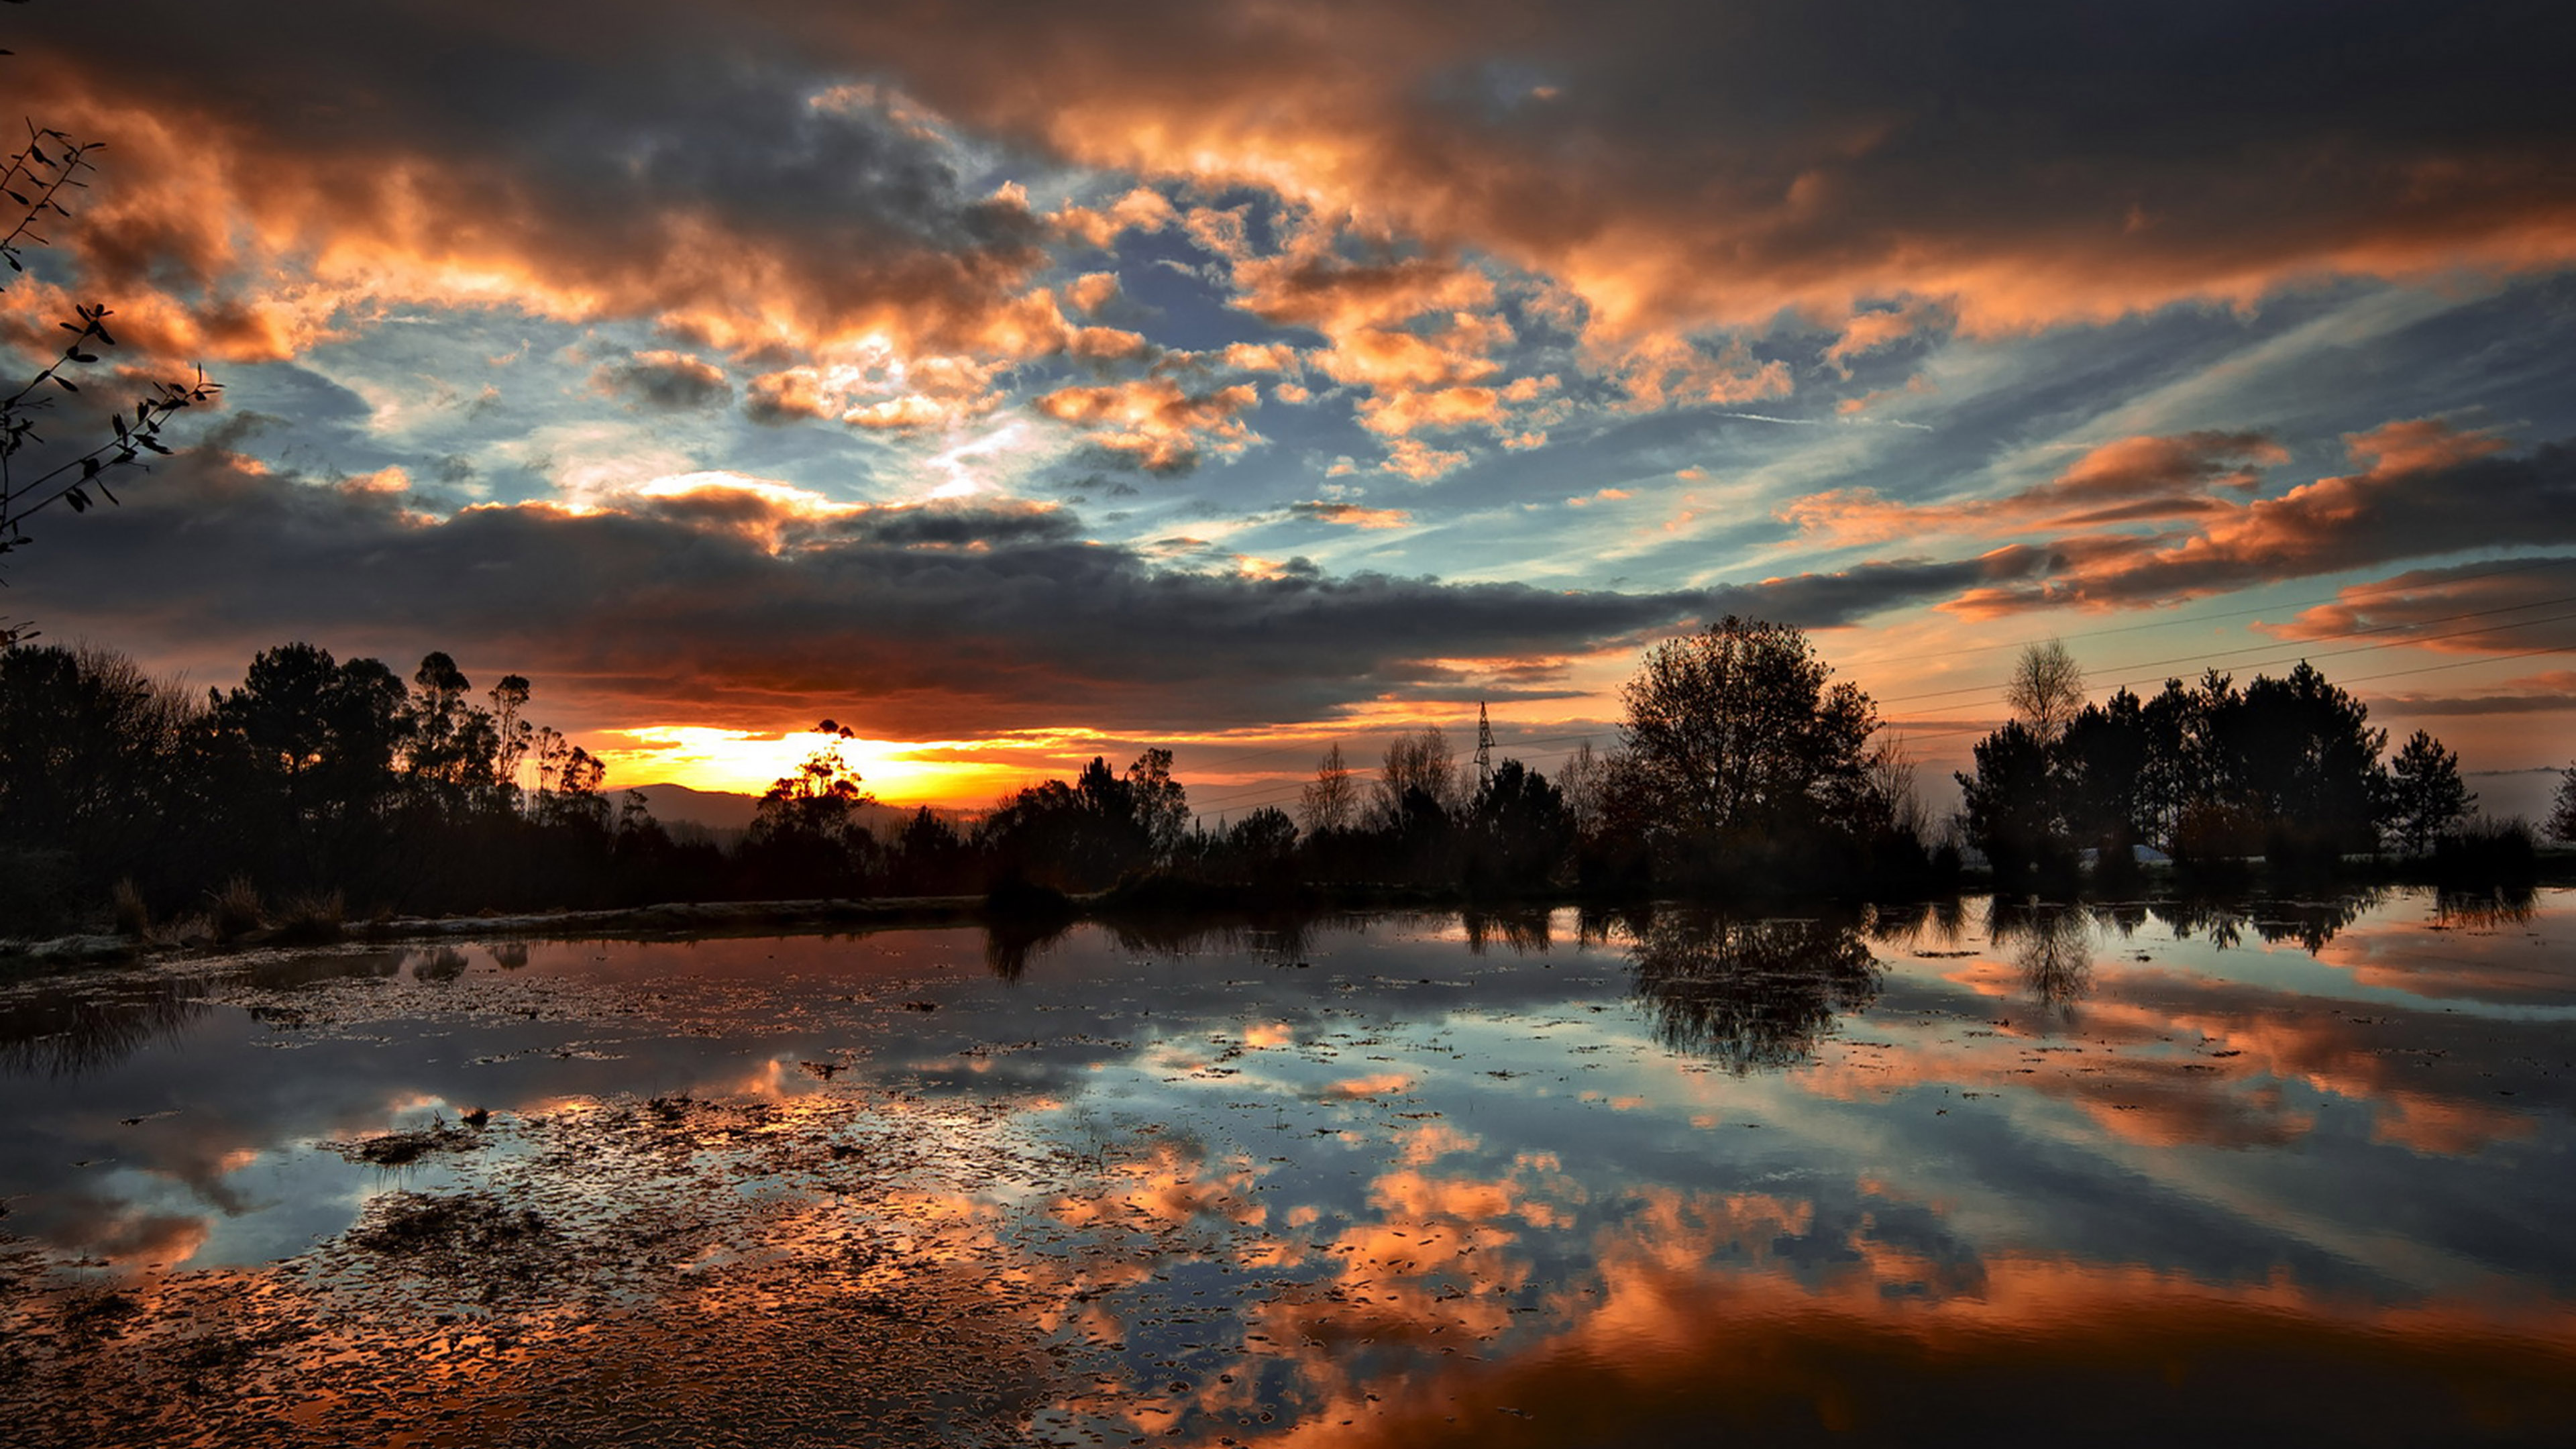 wallpaper for desktop, laptop | ml14-sunset-lake-night ...